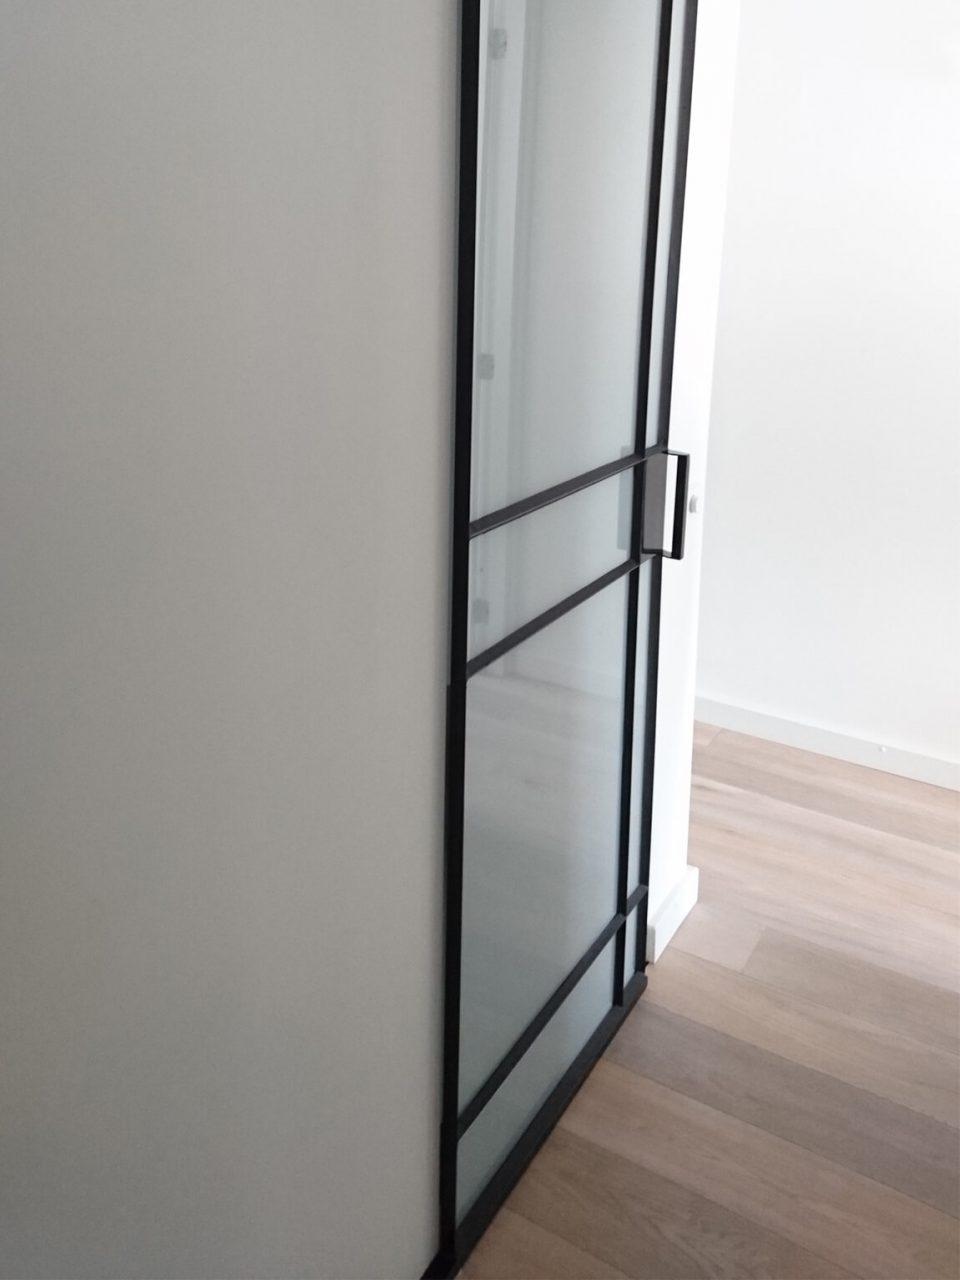 De deuren nemen weinig plaats in beslag, dit zorgt gegarandeerd voor voldoende ruimte